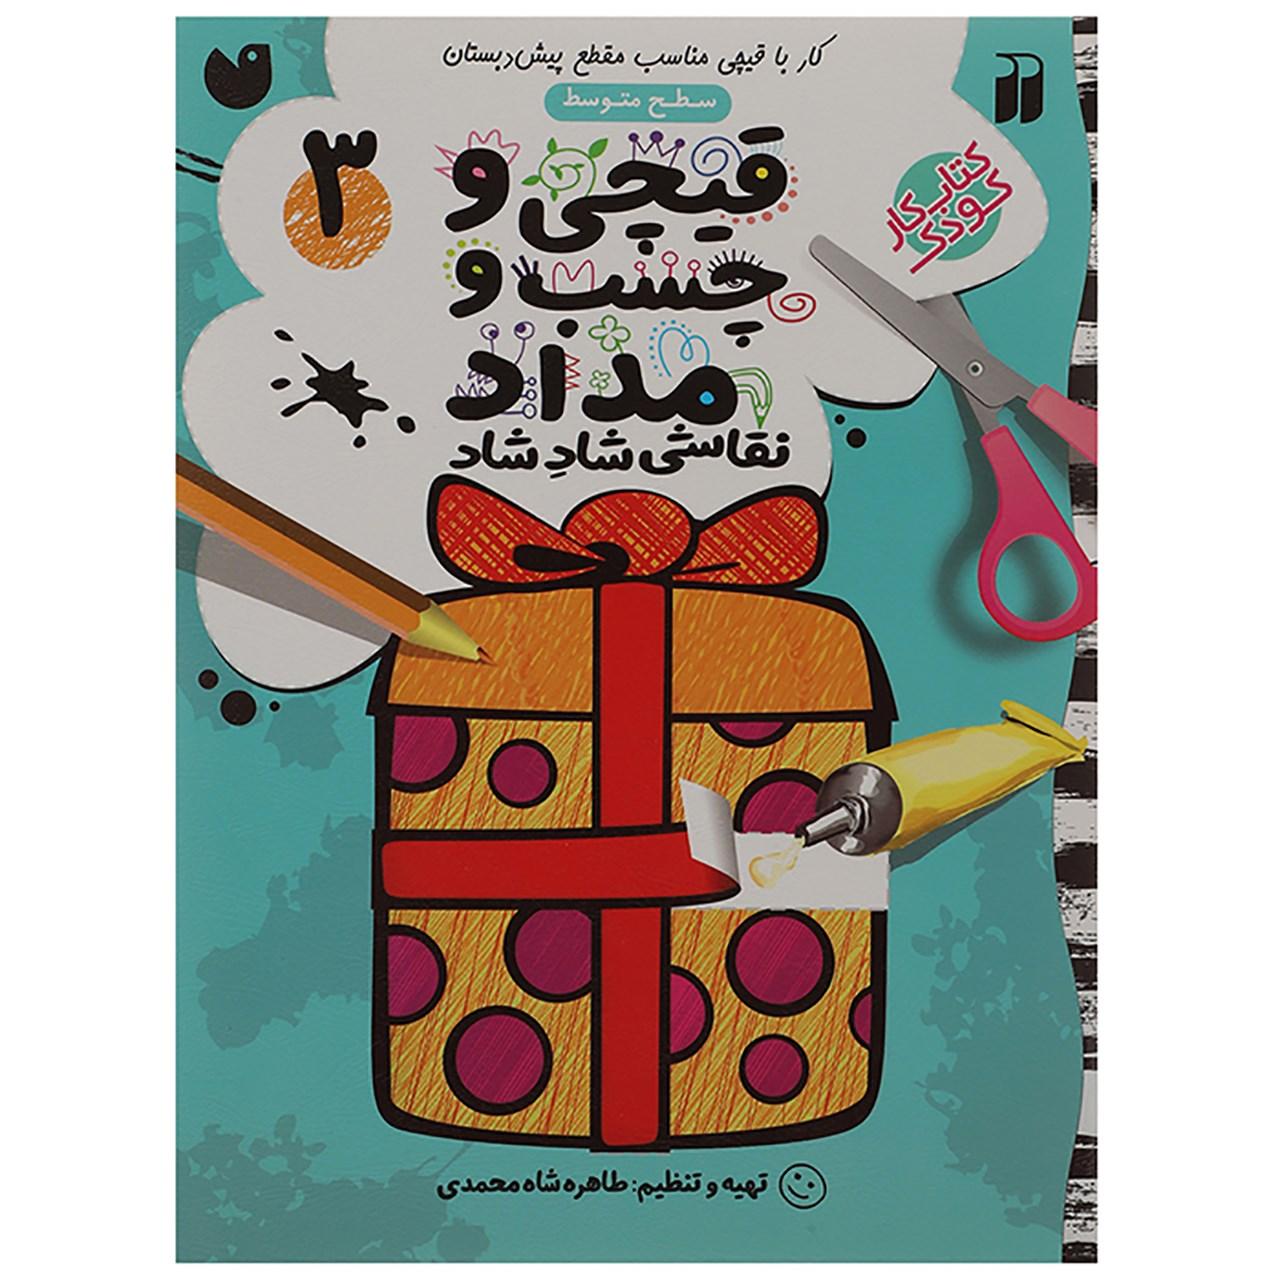 کتاب قیچی و چسب و مداد نقاشی شاد شاد 3 اثر طاهره شاه محمدی